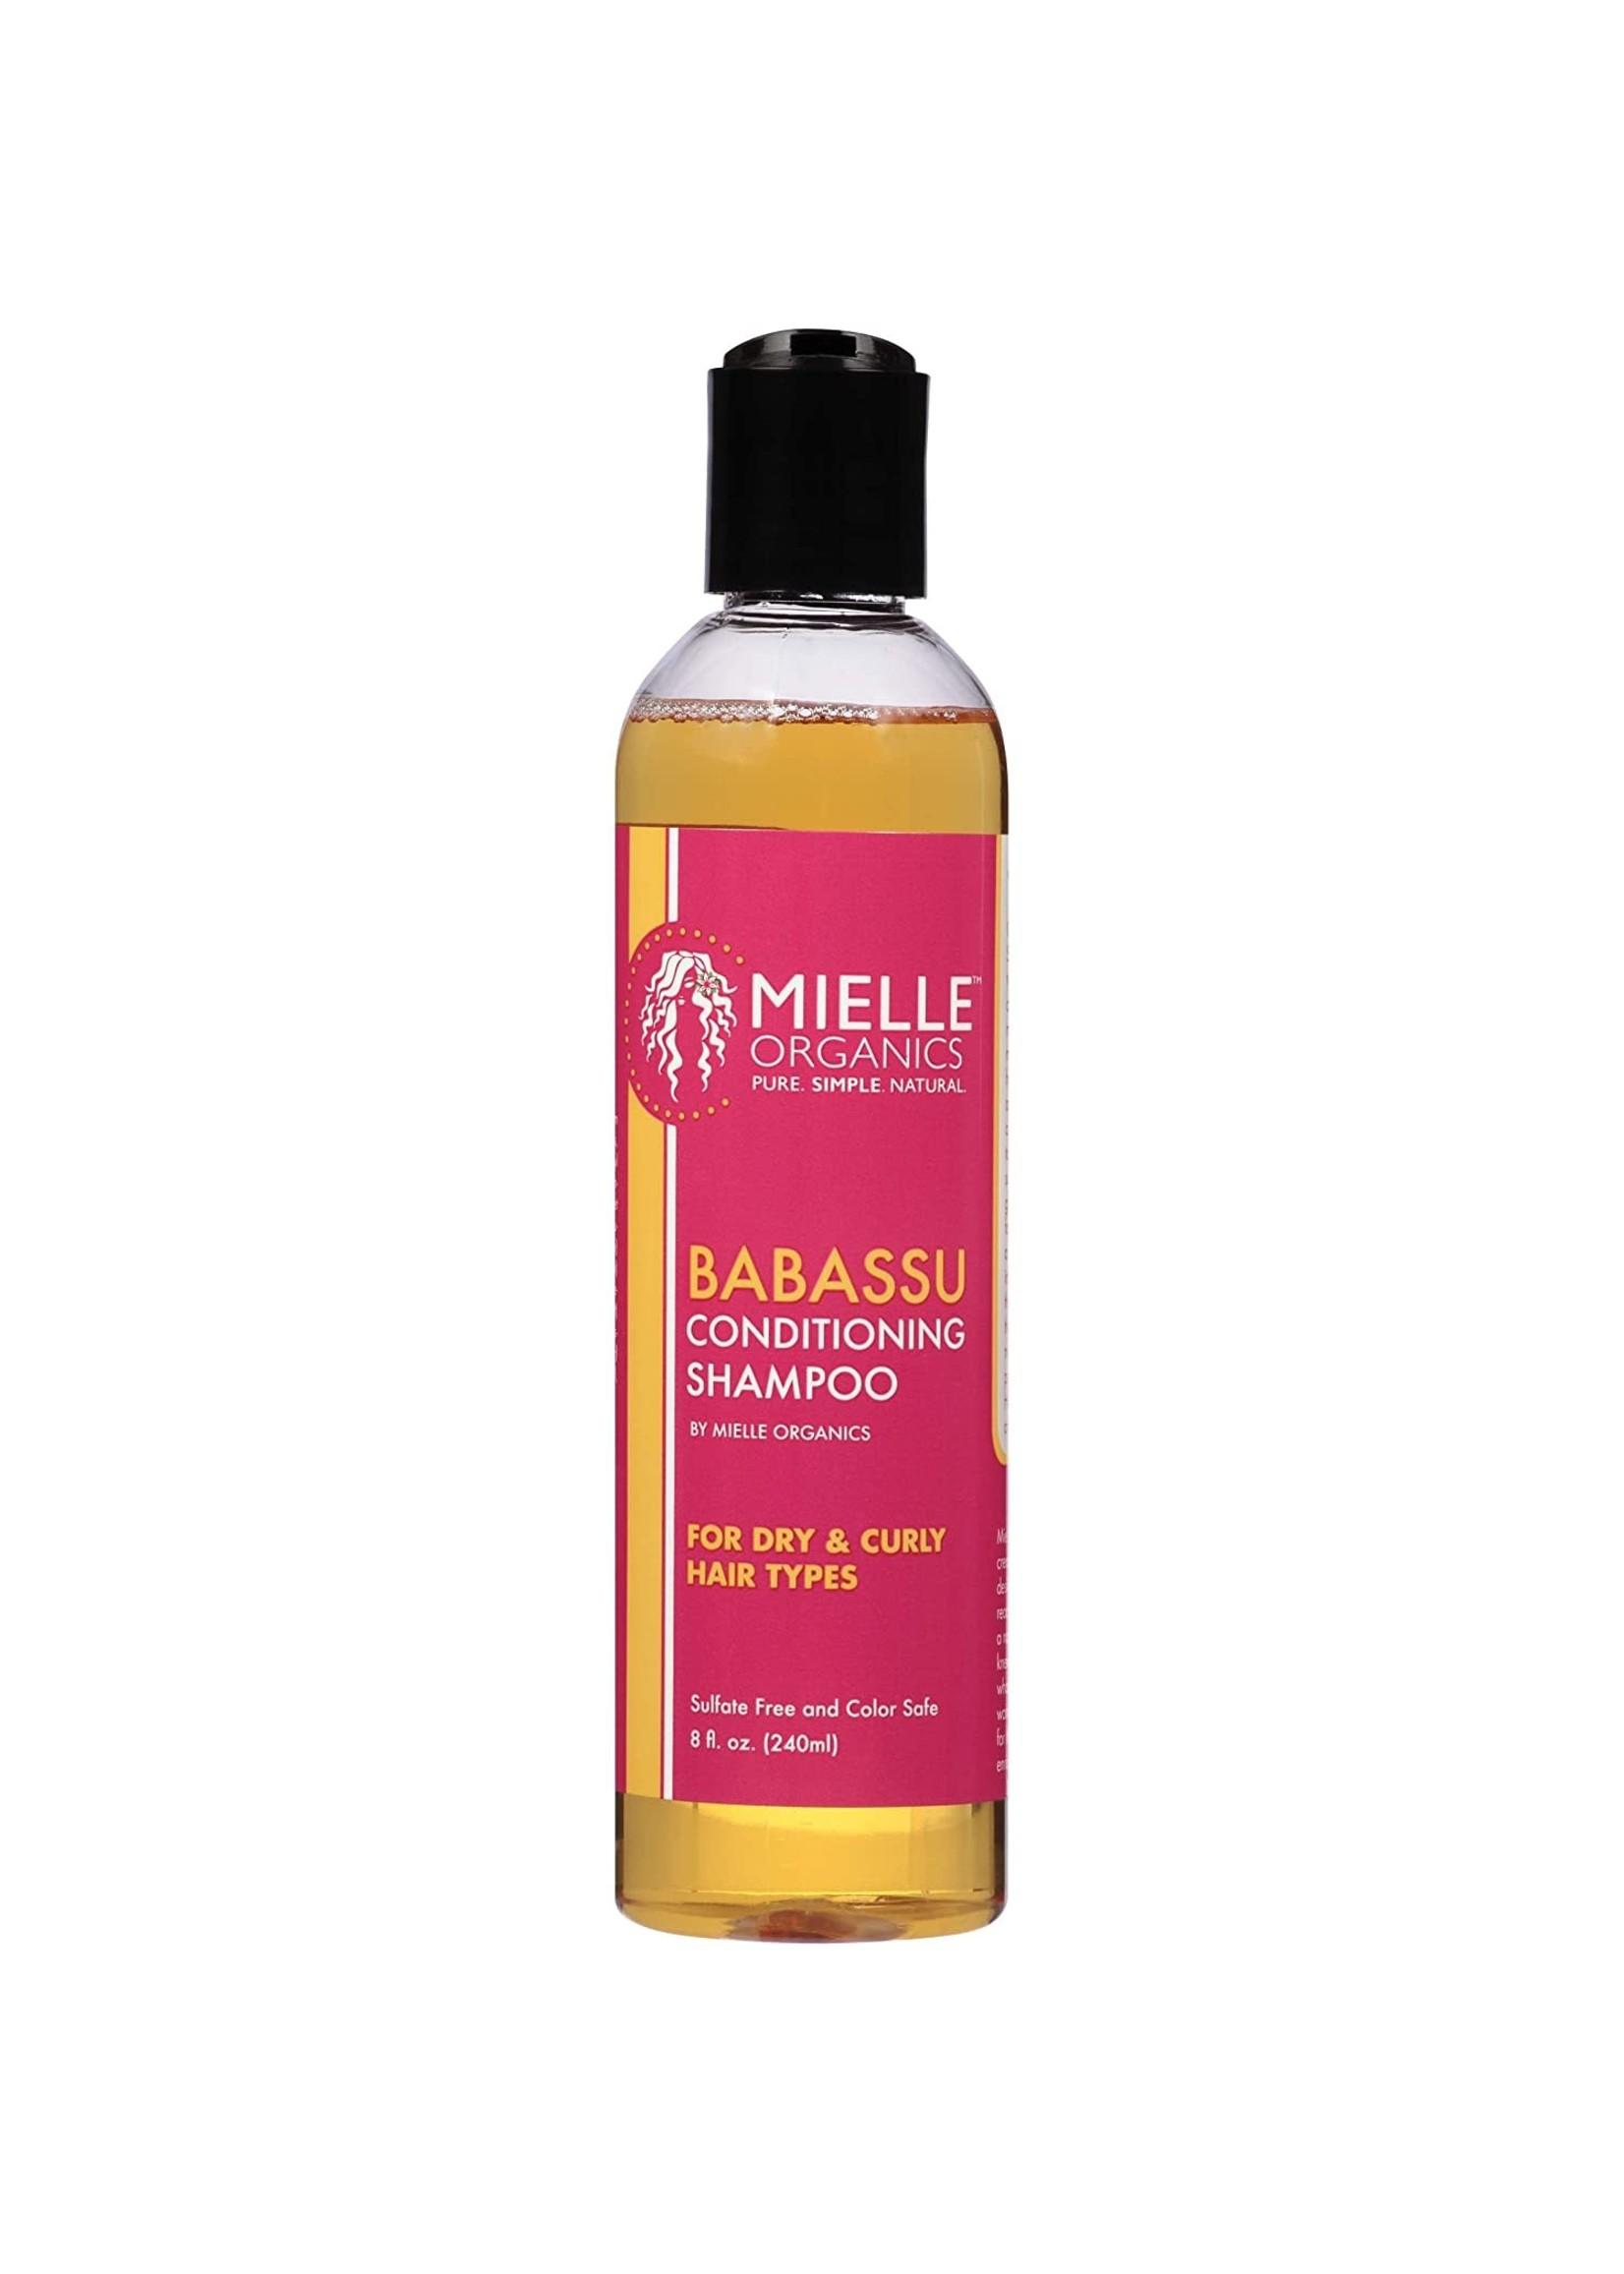 Mielle Babassu Conditioner & Shampoo